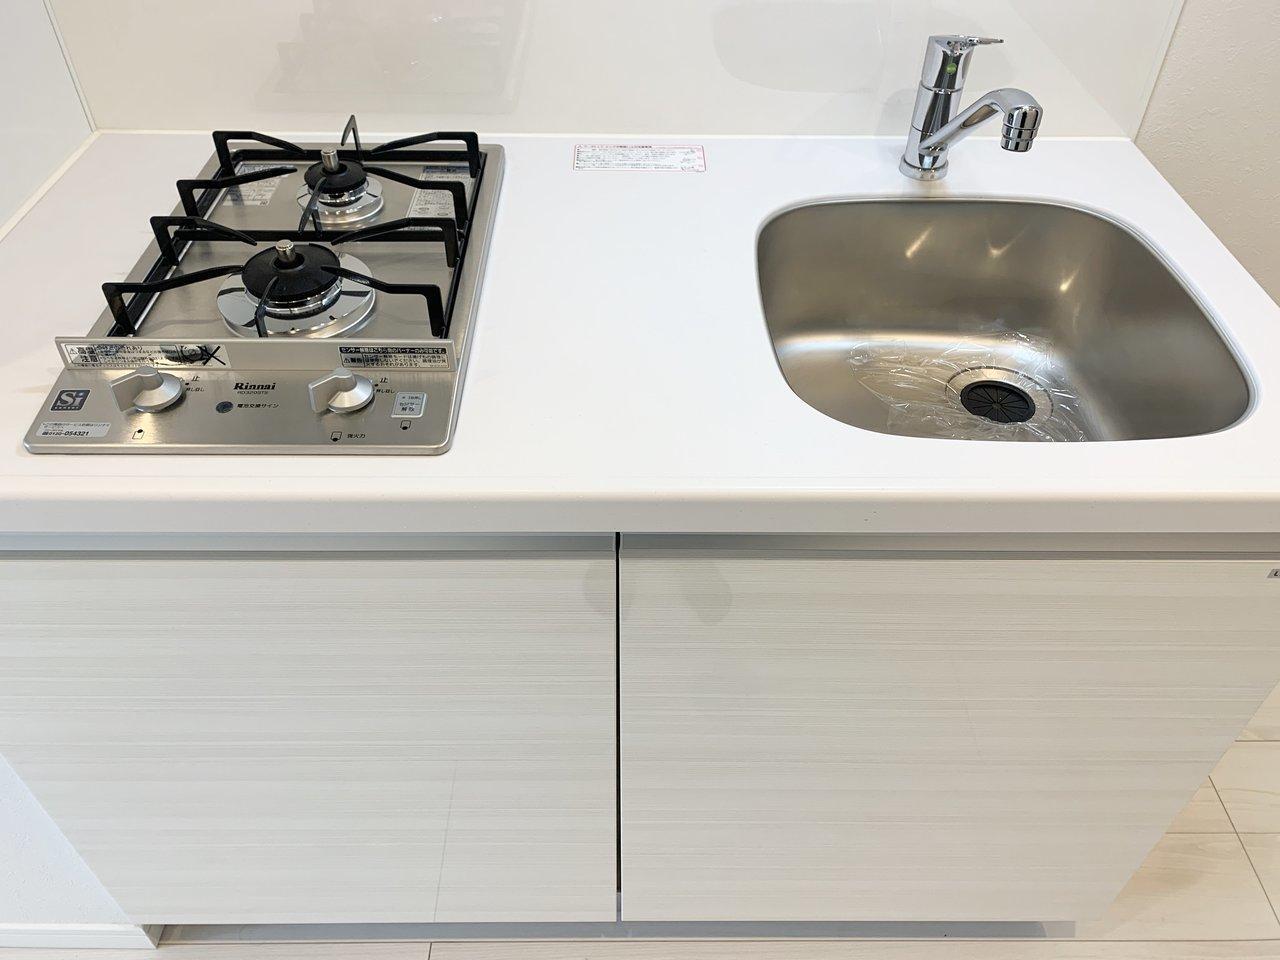 キッチンはコンパクトながらも、2口ガスコンロで料理はしやすそう。下段に収納スペースもついています。